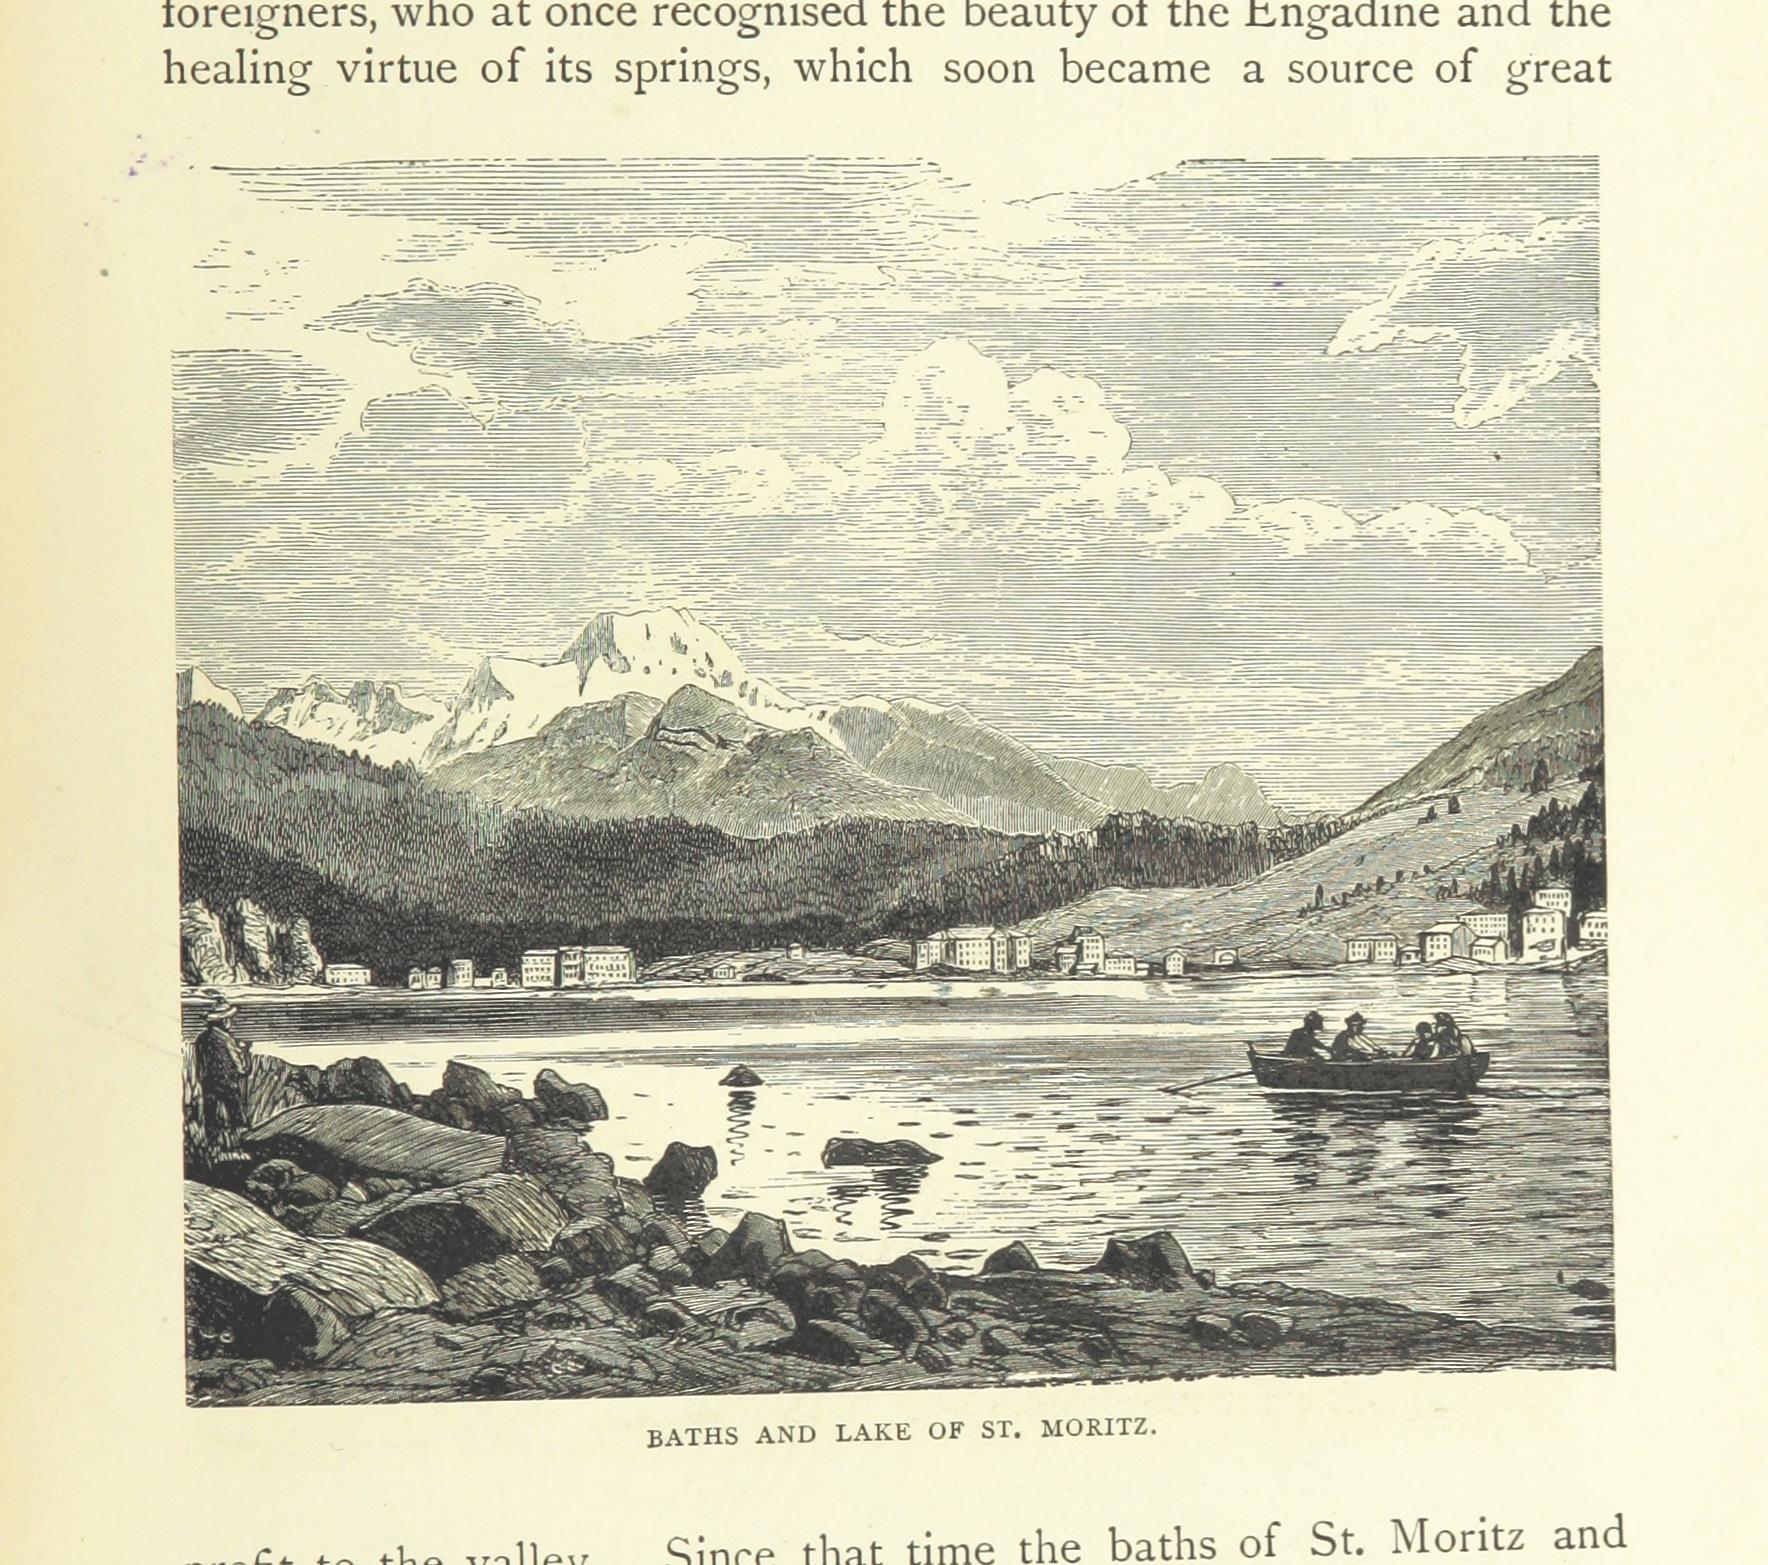 В XIX веке Санкт-Мориц выглядел несколько иначе Источник https://upload.wikimedia.org/